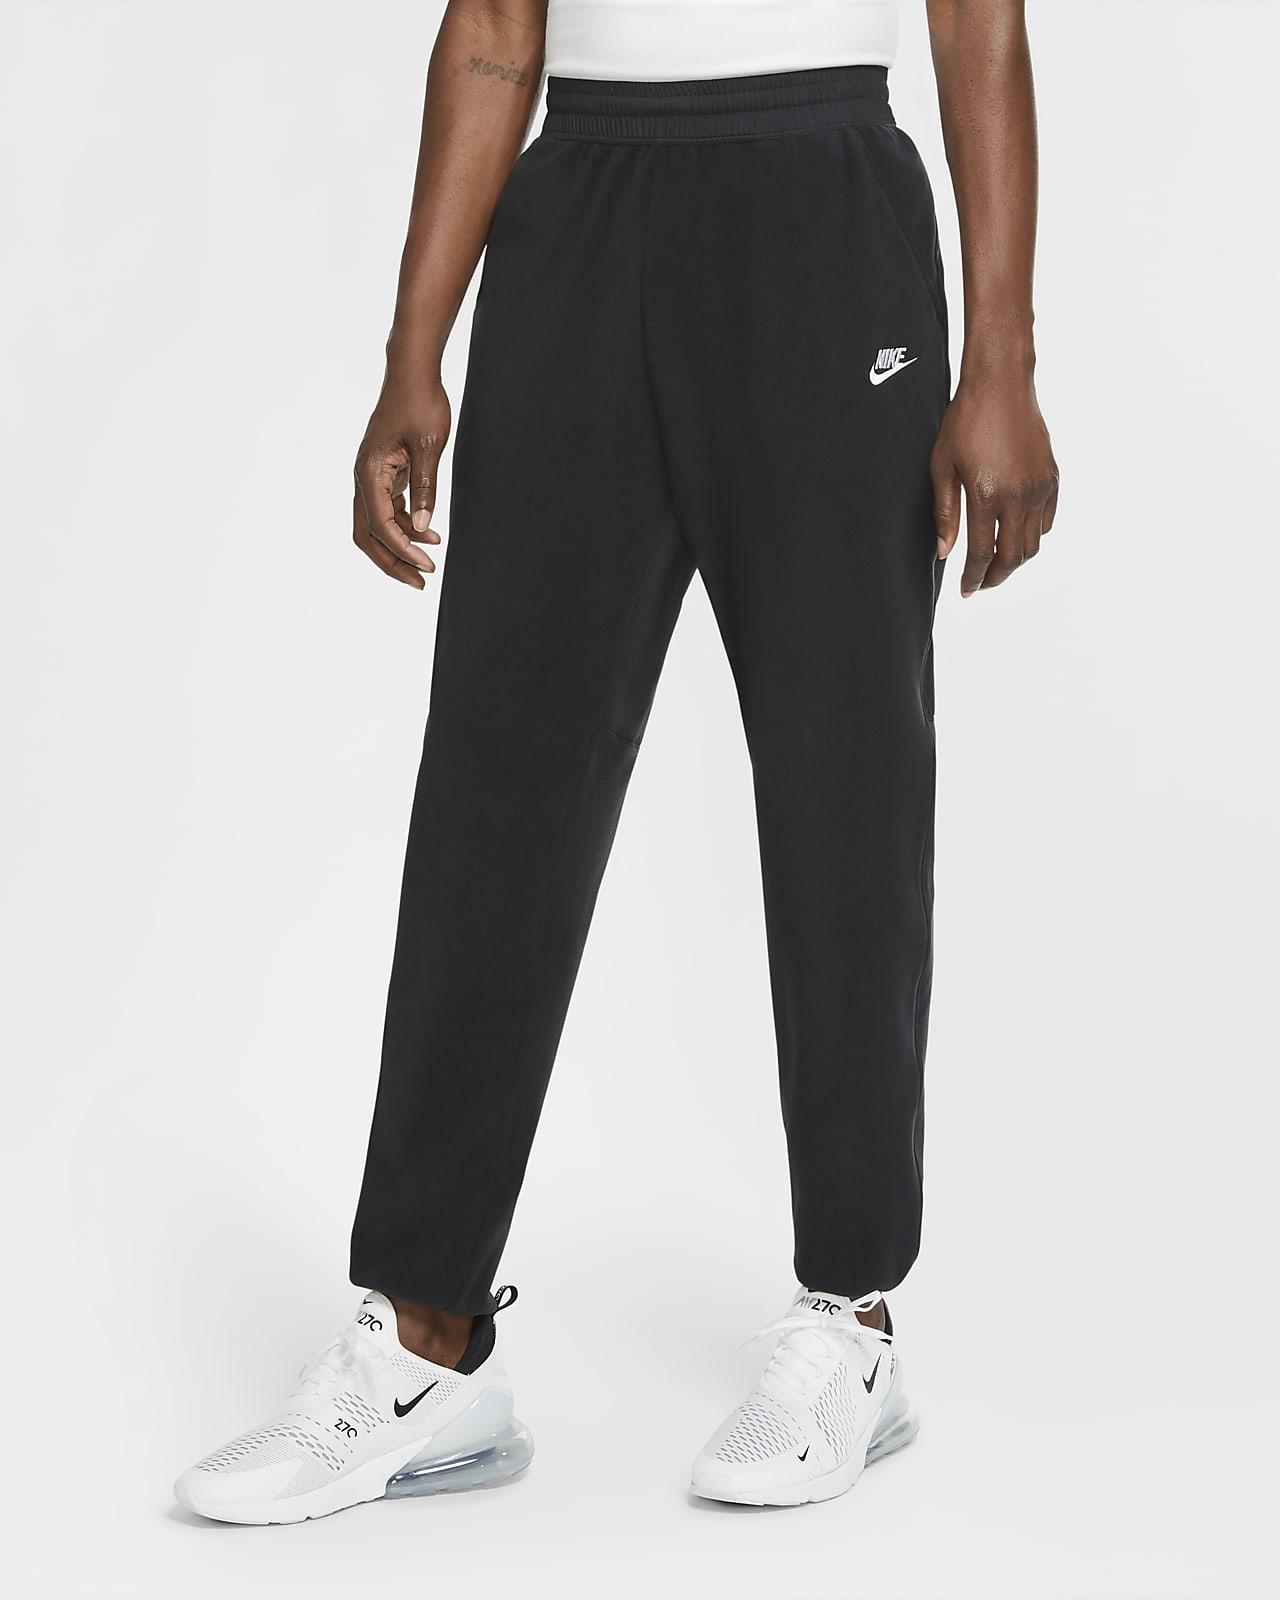 Pantaloni in fleece Nike Sportswear - Uomo